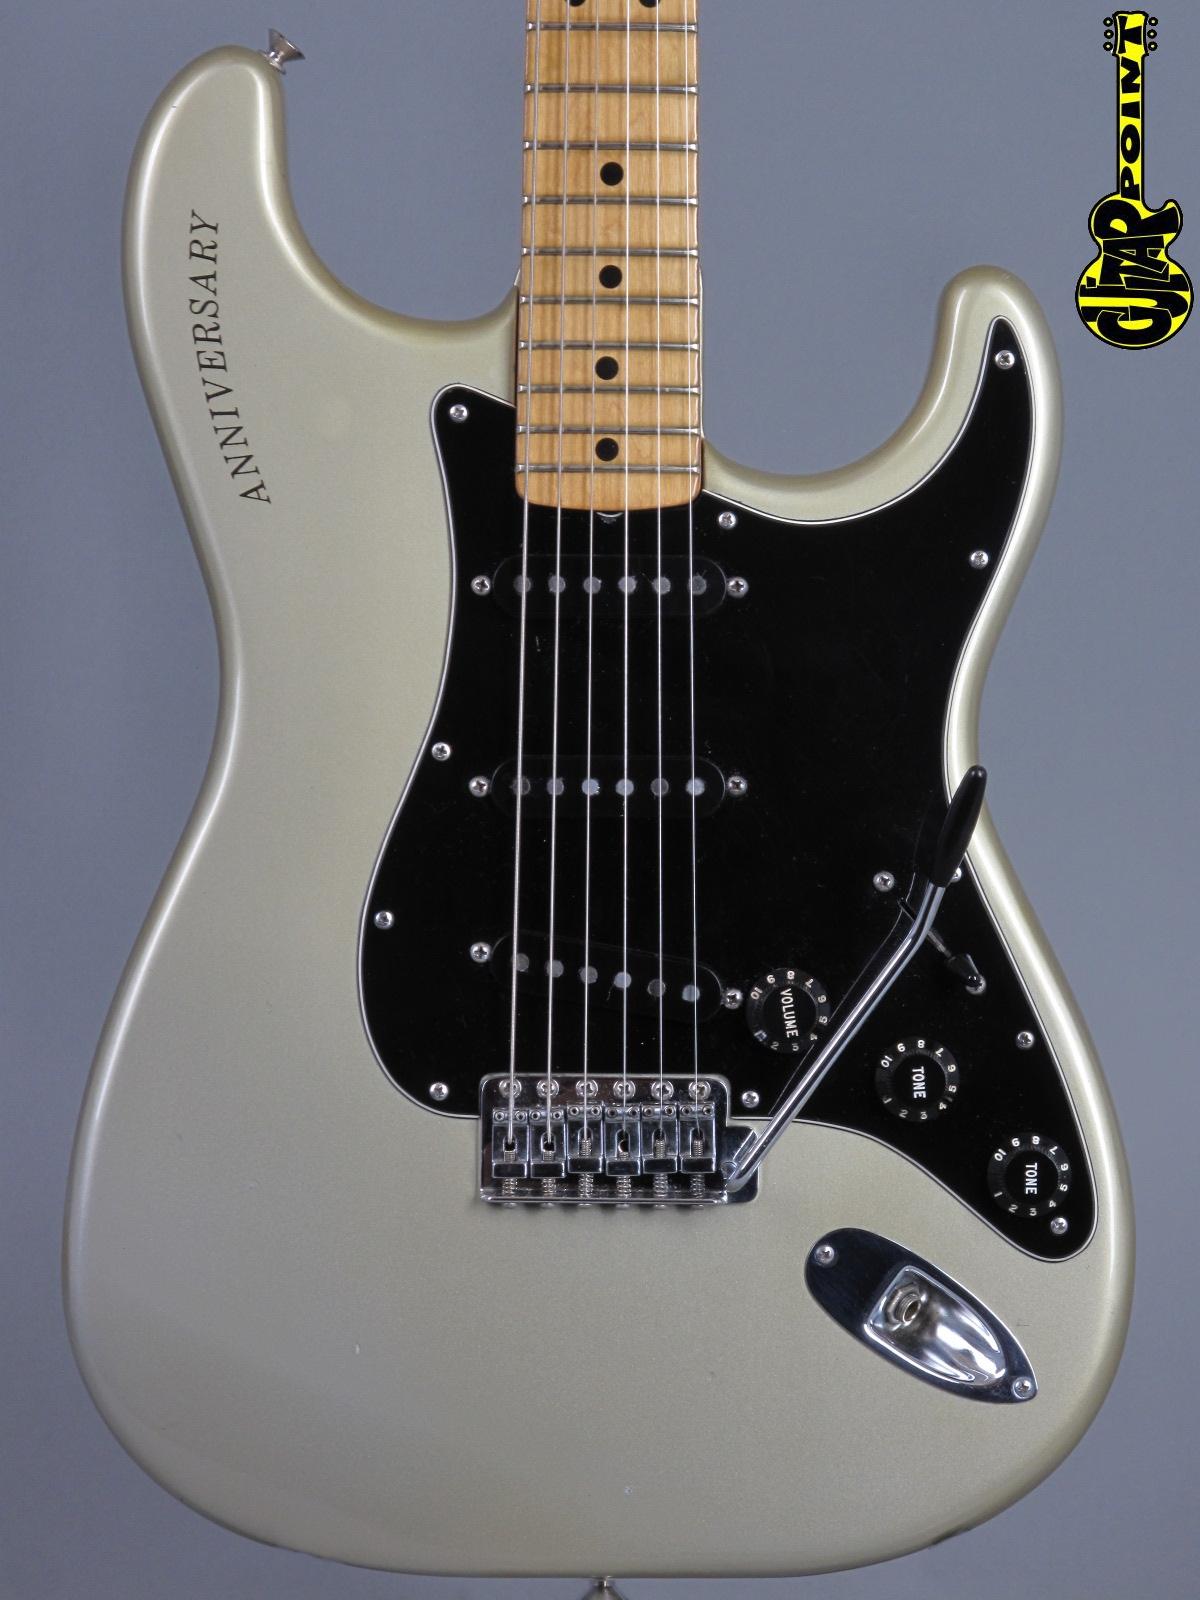 1979 Fender Stratocaster - 25th Anniversary - Silver